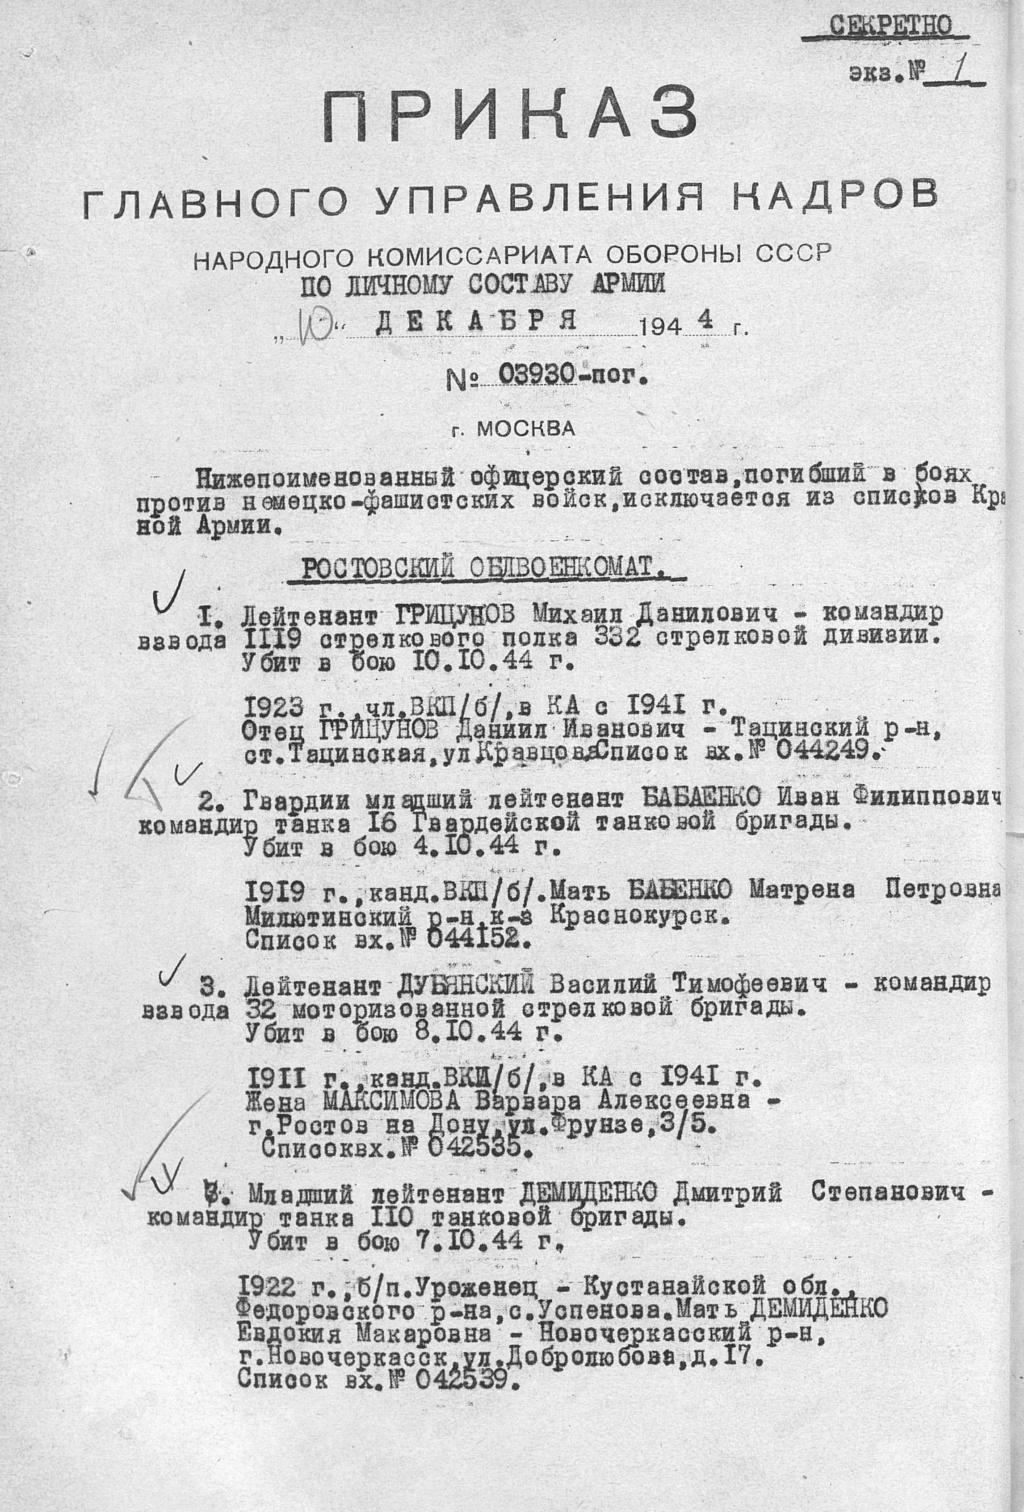 Захаренков (Захаренко) Федор Корнеевич, 08.03.1941 г., Белосток 00000117